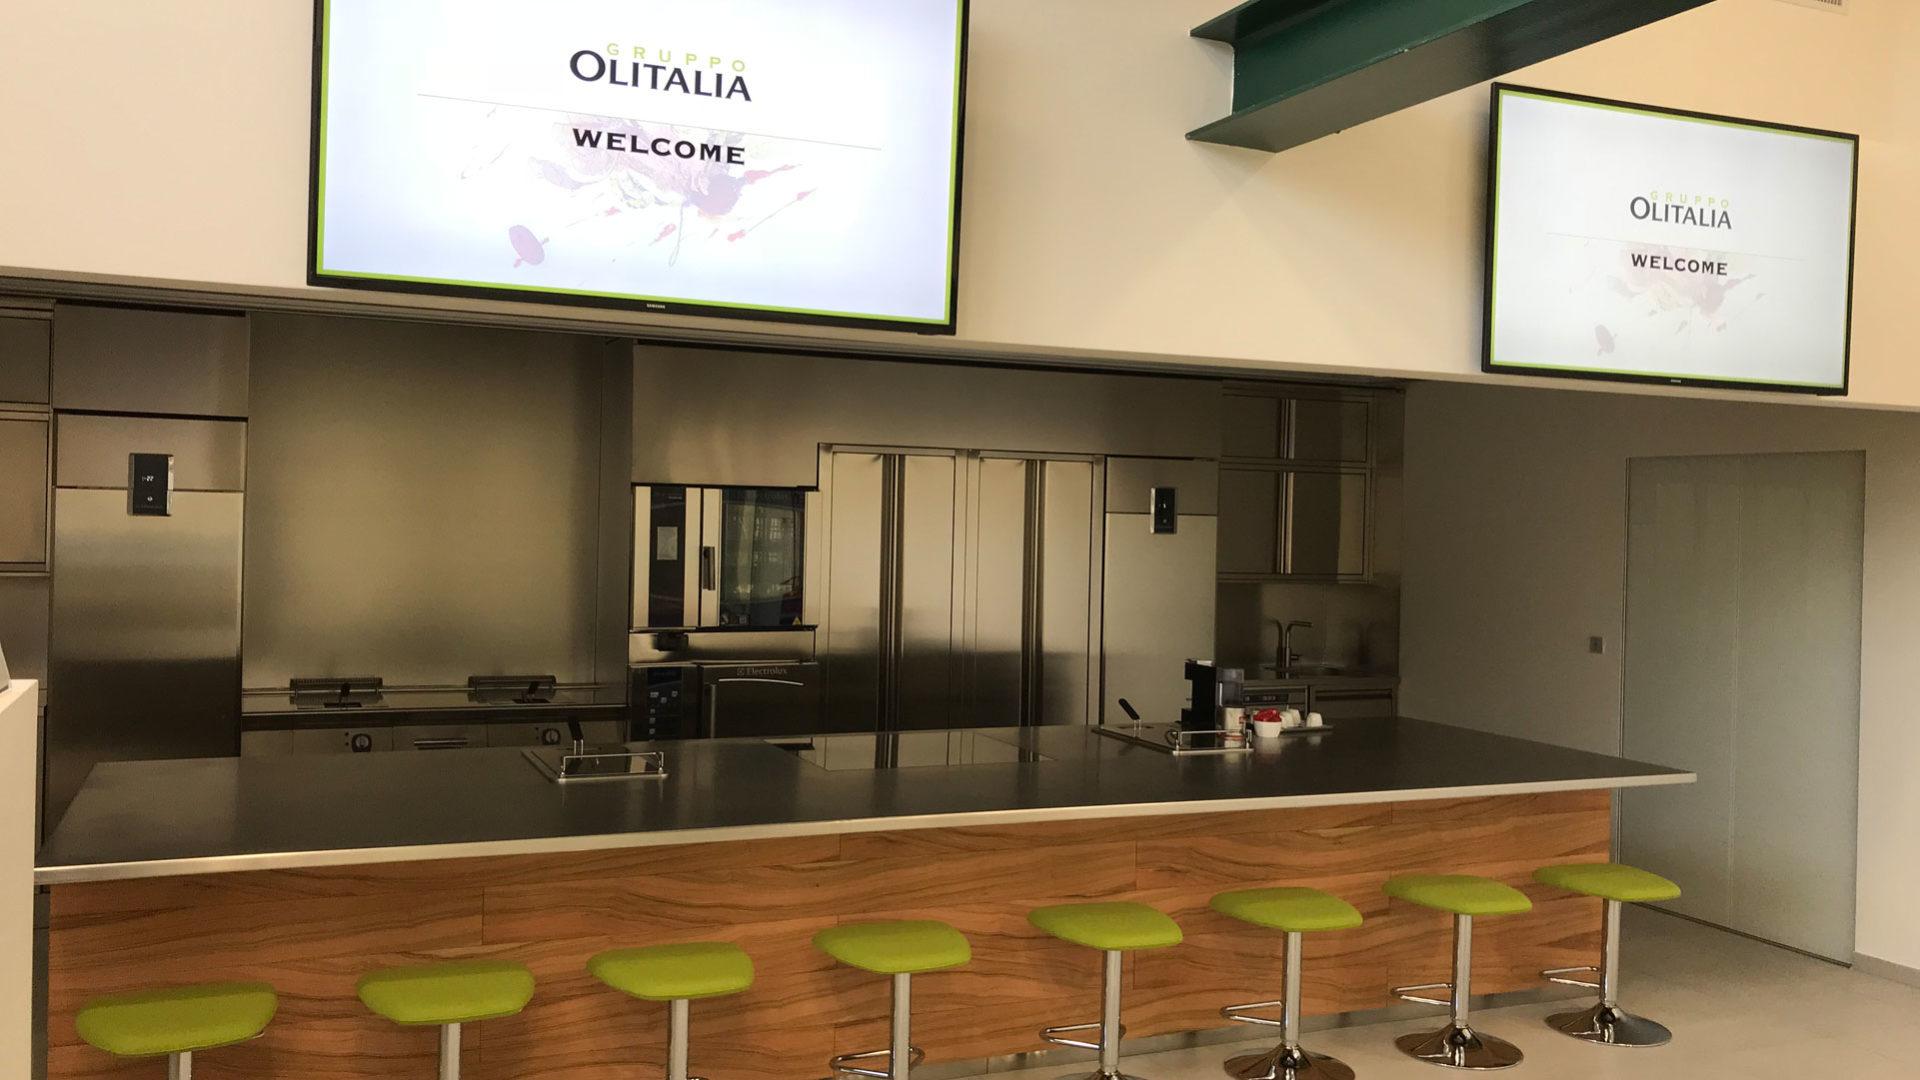 Fotografia cucina Olitalia